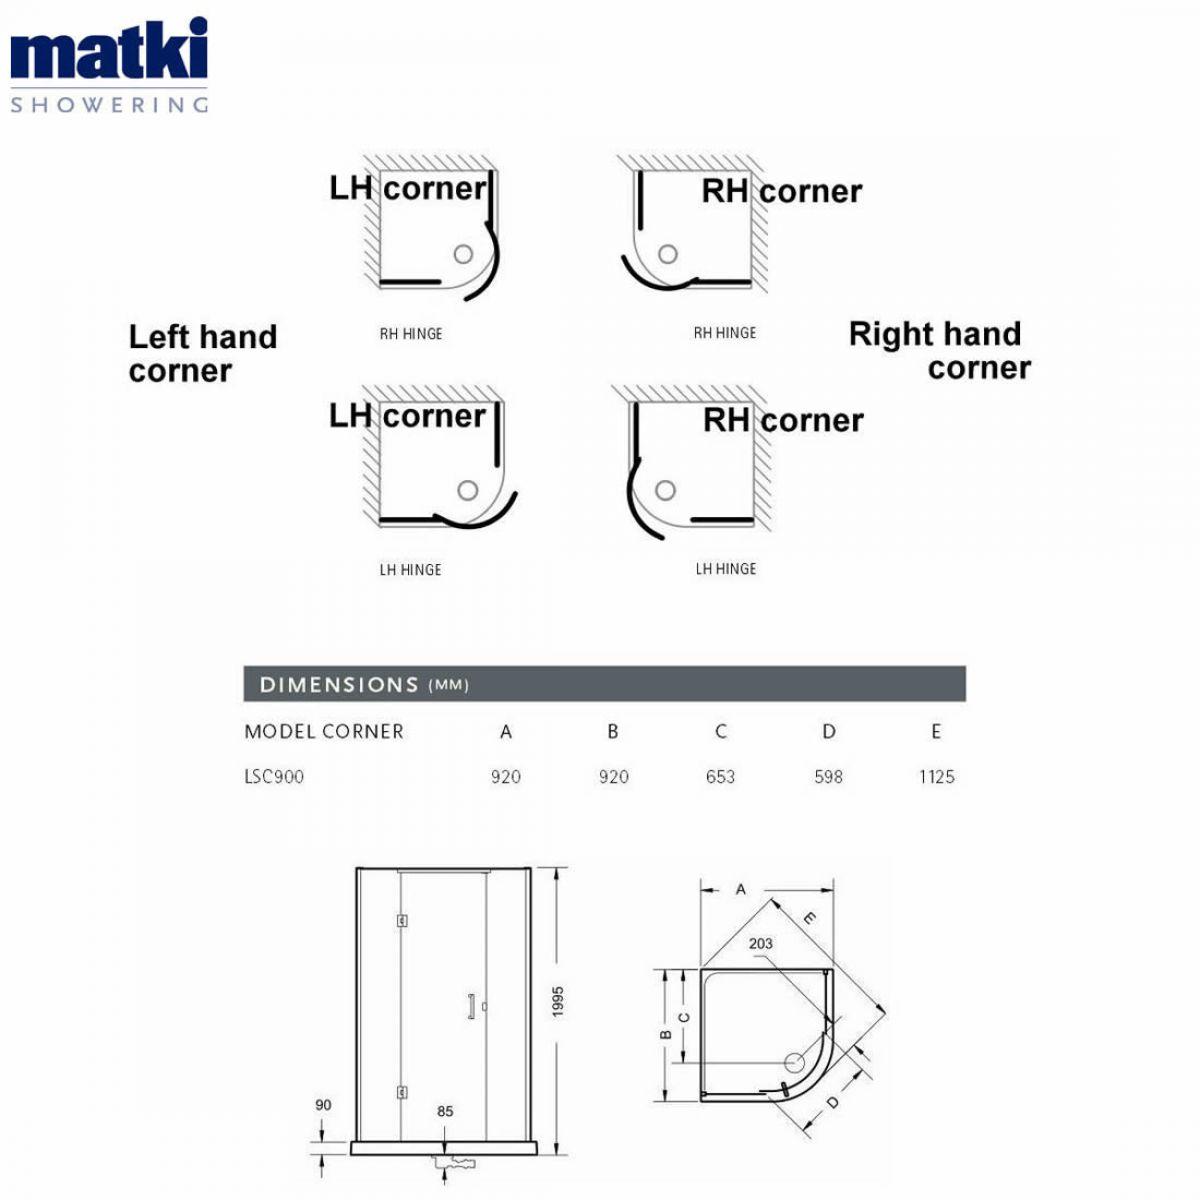 matki original illusion curved corner shower enclosure